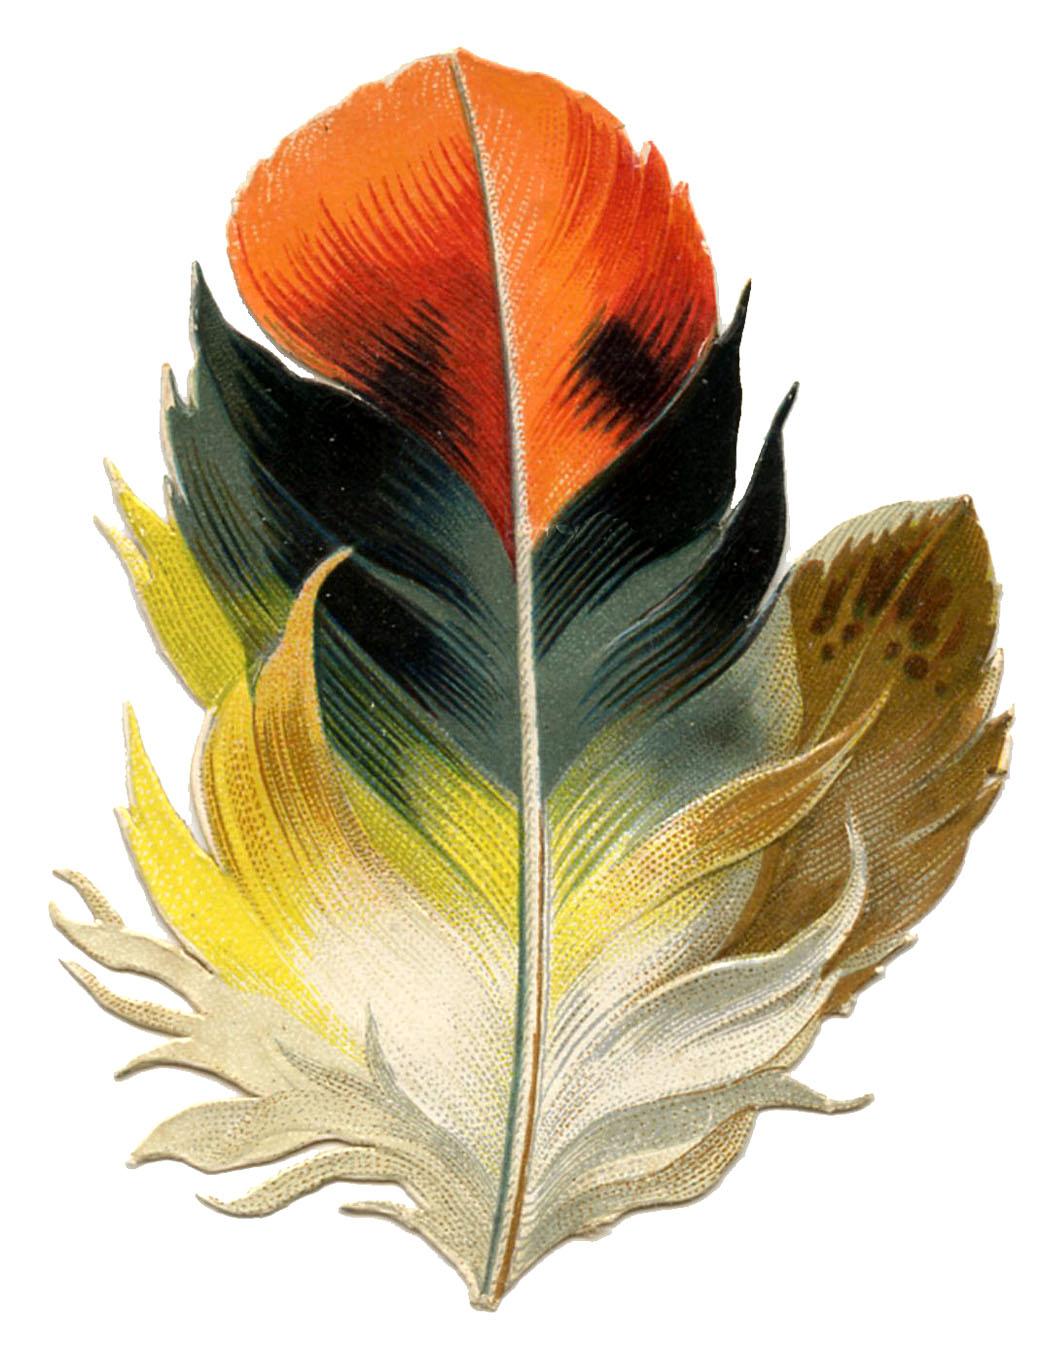 Antique clip art fabulous. Feather clipart victorian